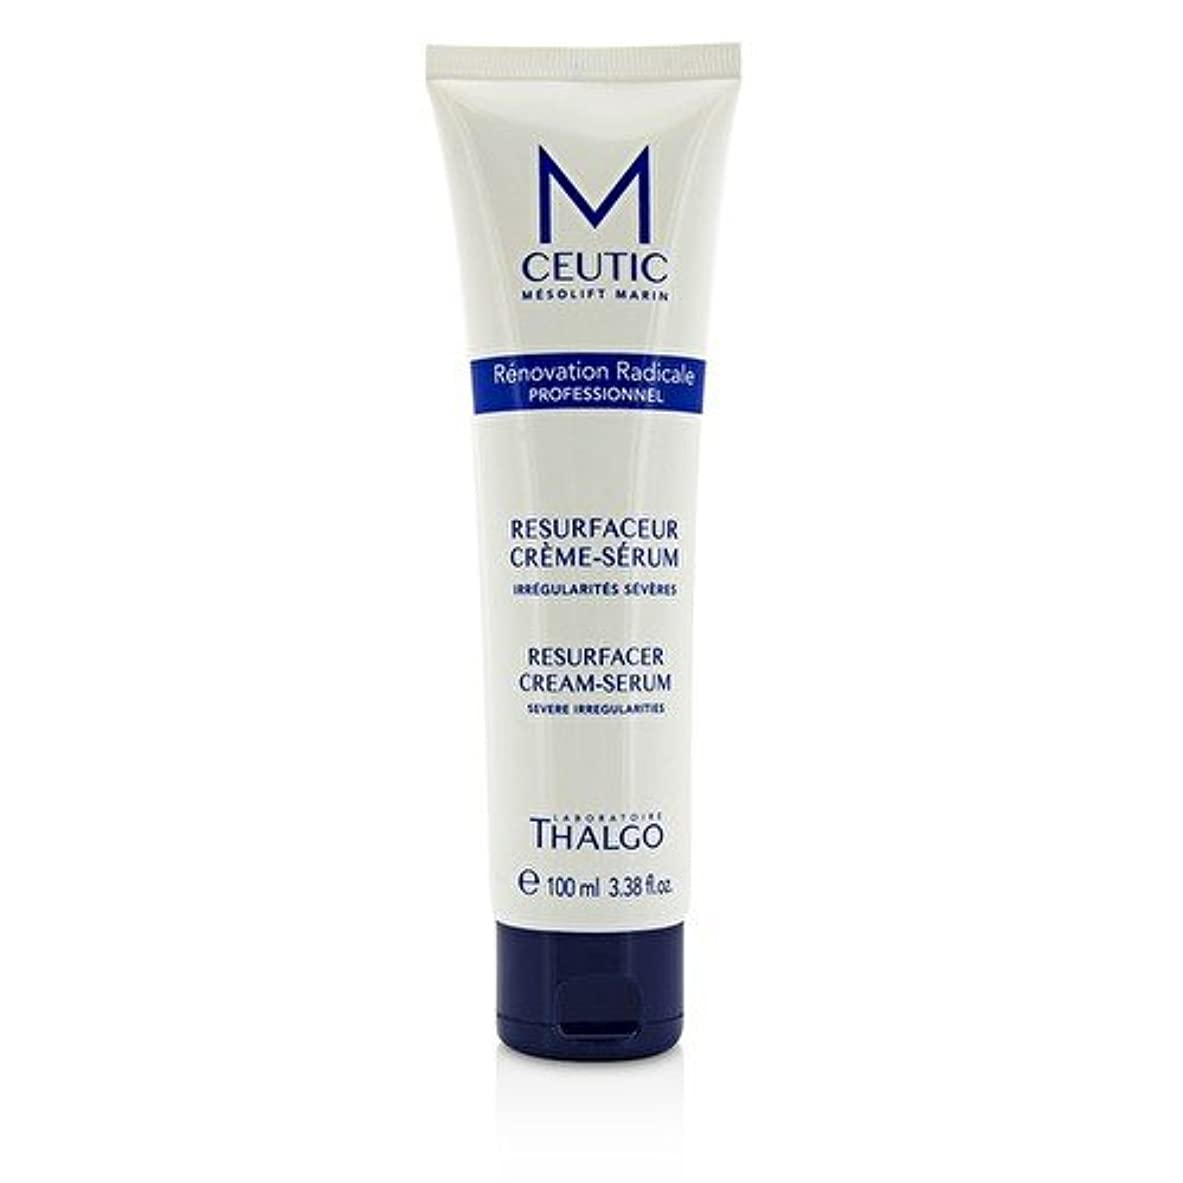 有名なメロドラマ変化するタルゴ MCEUTIC Resurfacer Cream-Serum - Salon Size 100ml/3.38oz並行輸入品